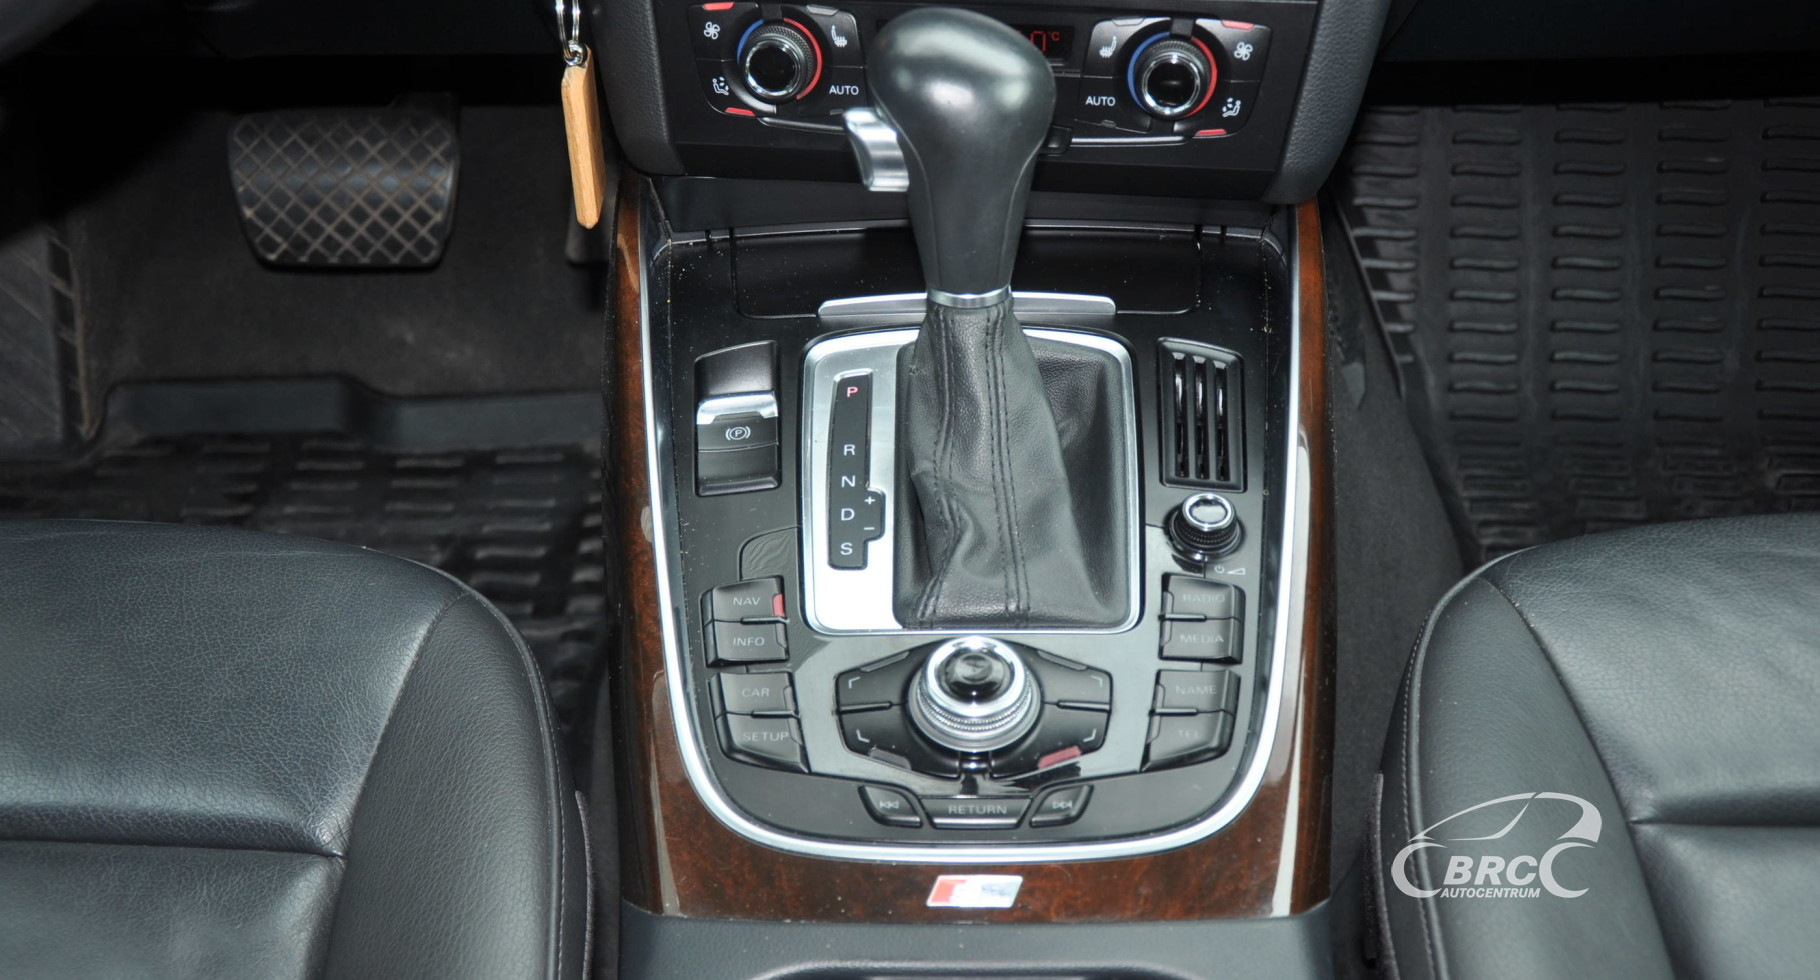 Audi Q5 2.0 TFSI Quattro S-Line Automatas